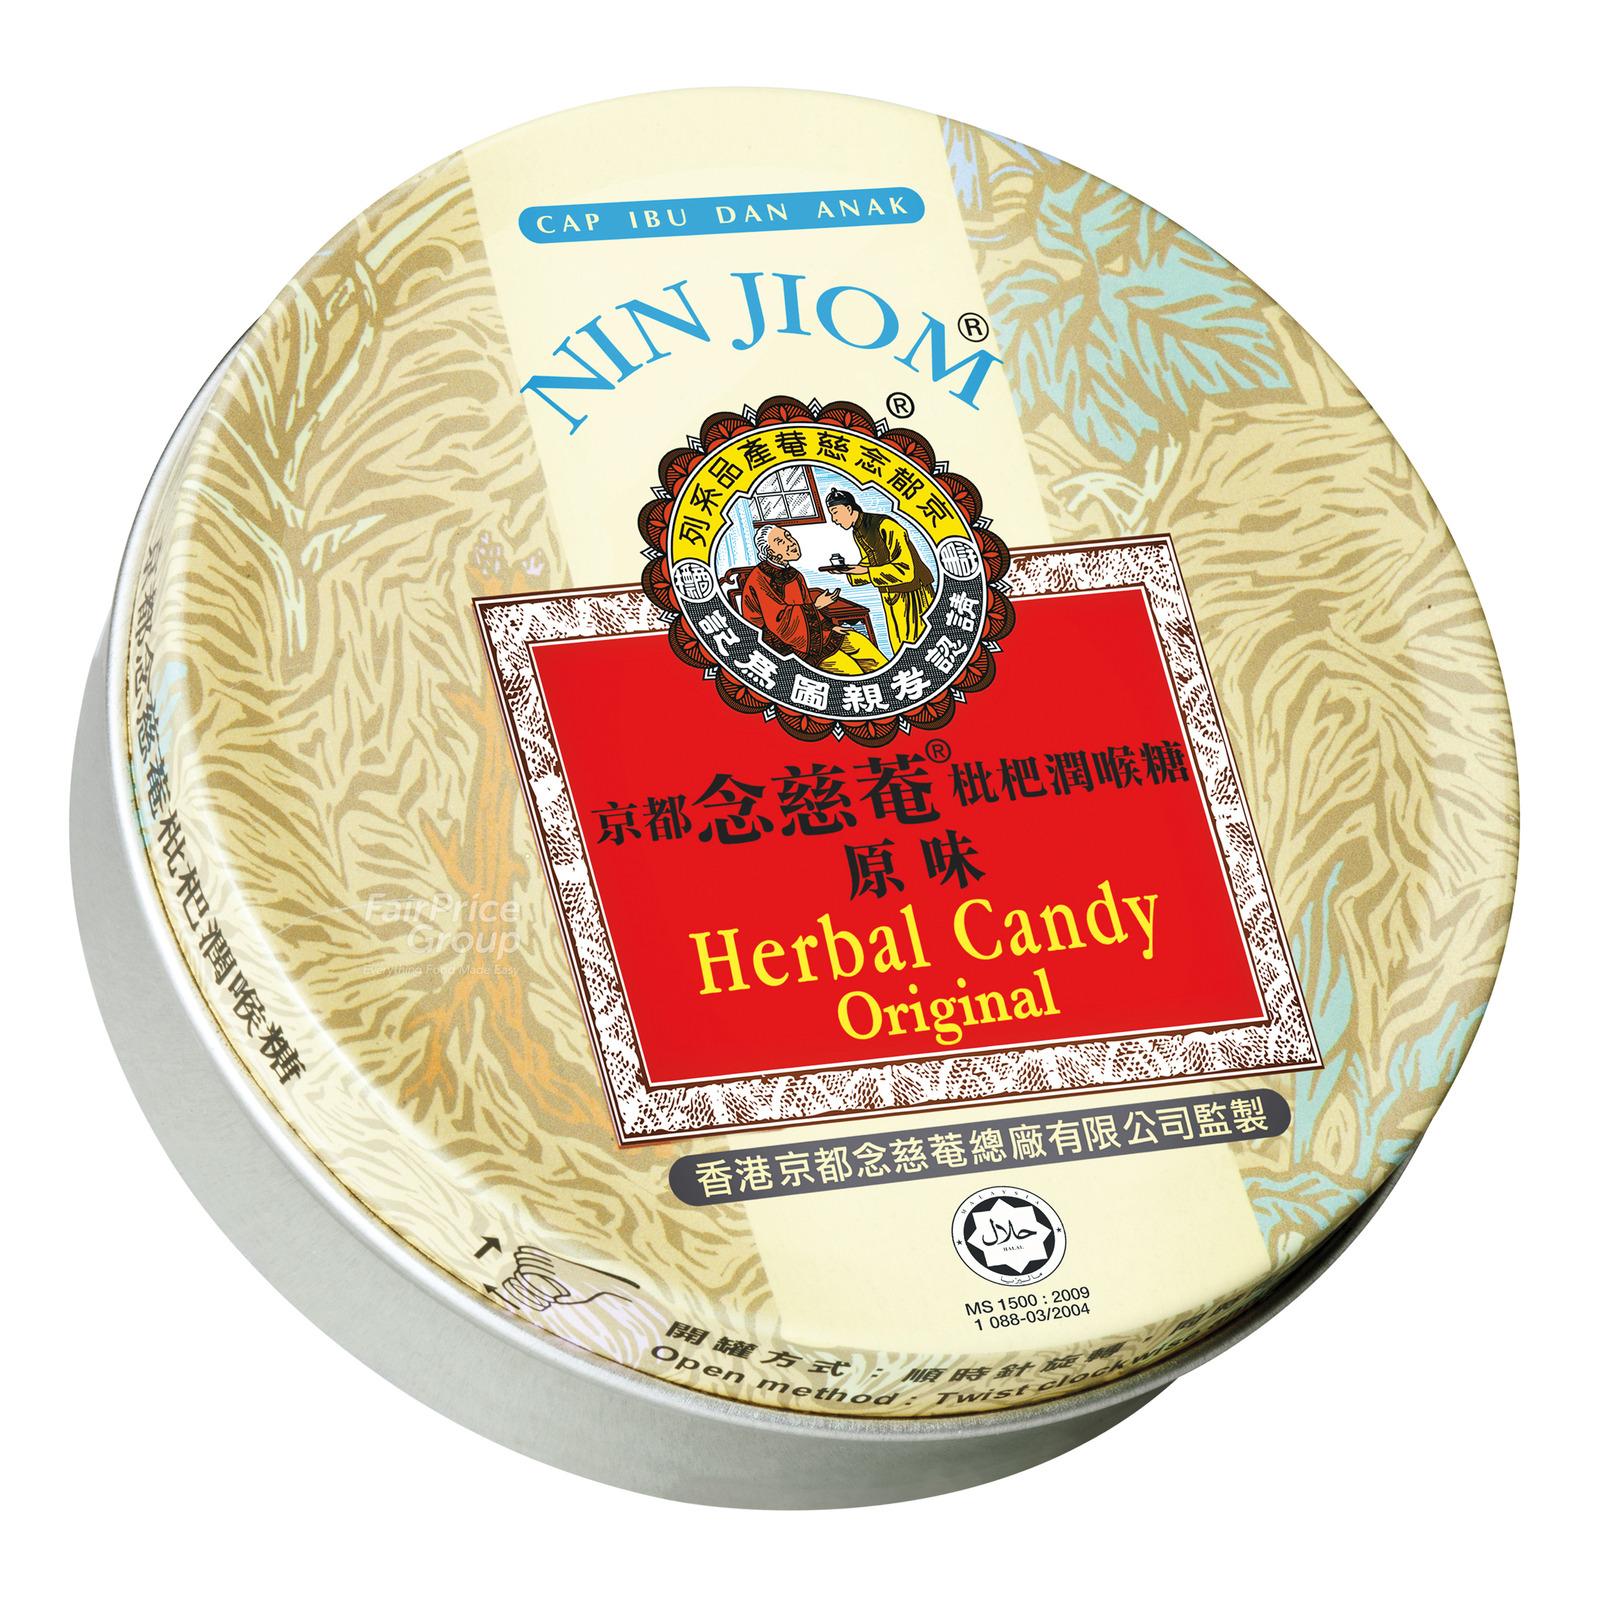 Nin Jiom Herbal Candy - Original (Tin)